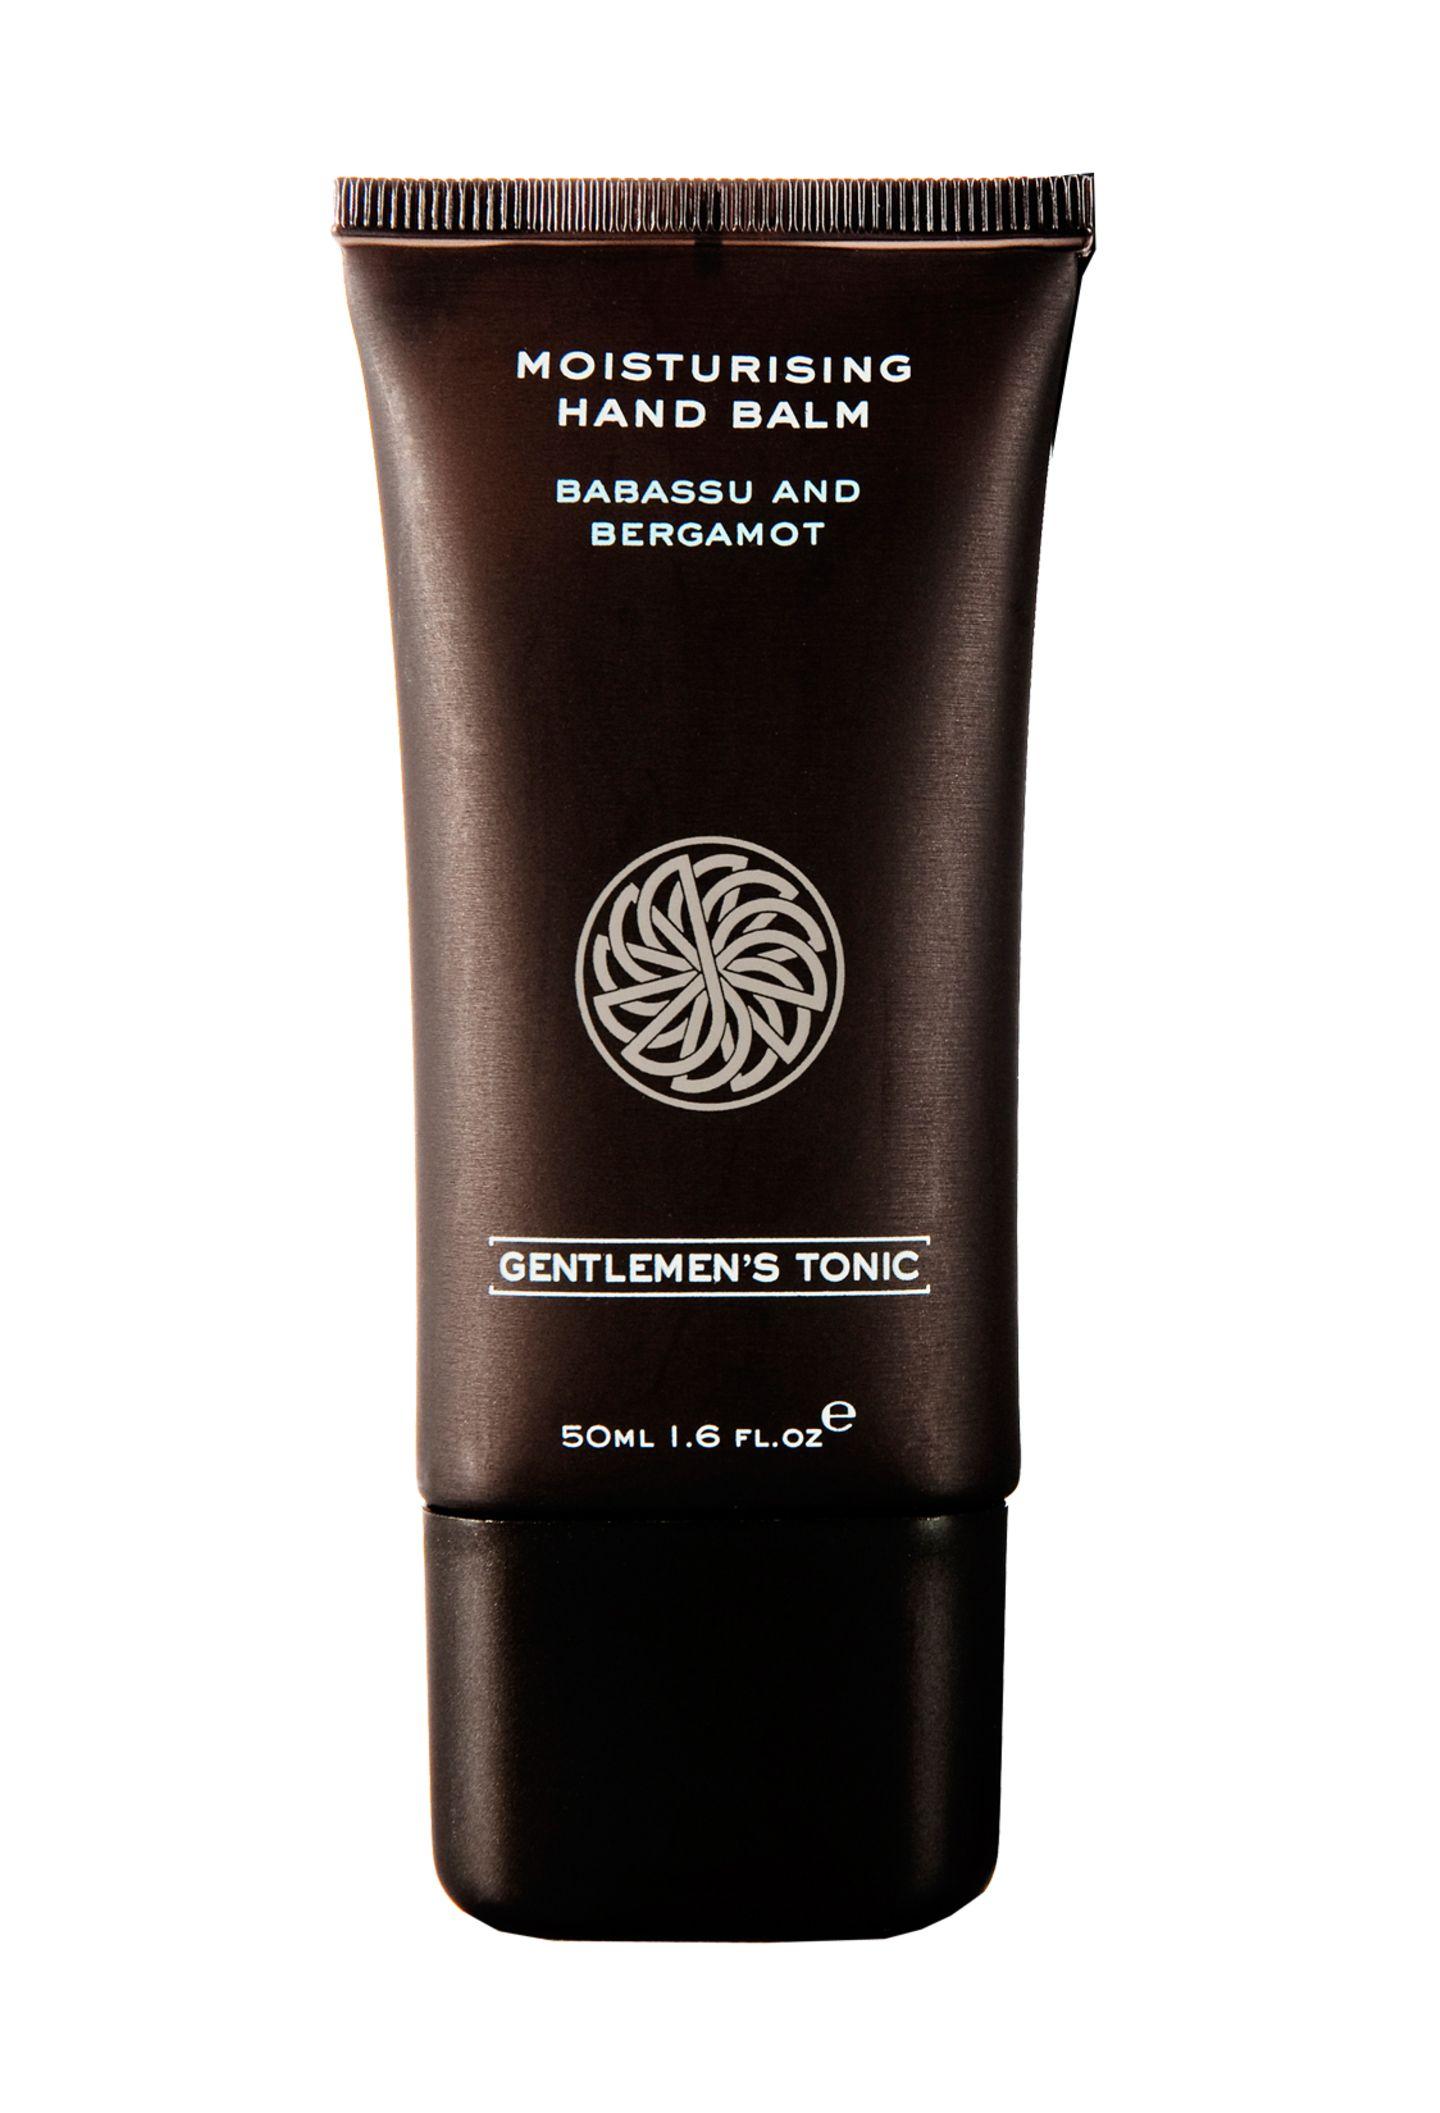 """Manuka-Honig für die Extraportion Feuchtigkeit: """"Moisturizing Hand Balm""""von Gentlemens Tonic, 50 ml, ca. 16 Euro, über dergepflegtemann.de"""